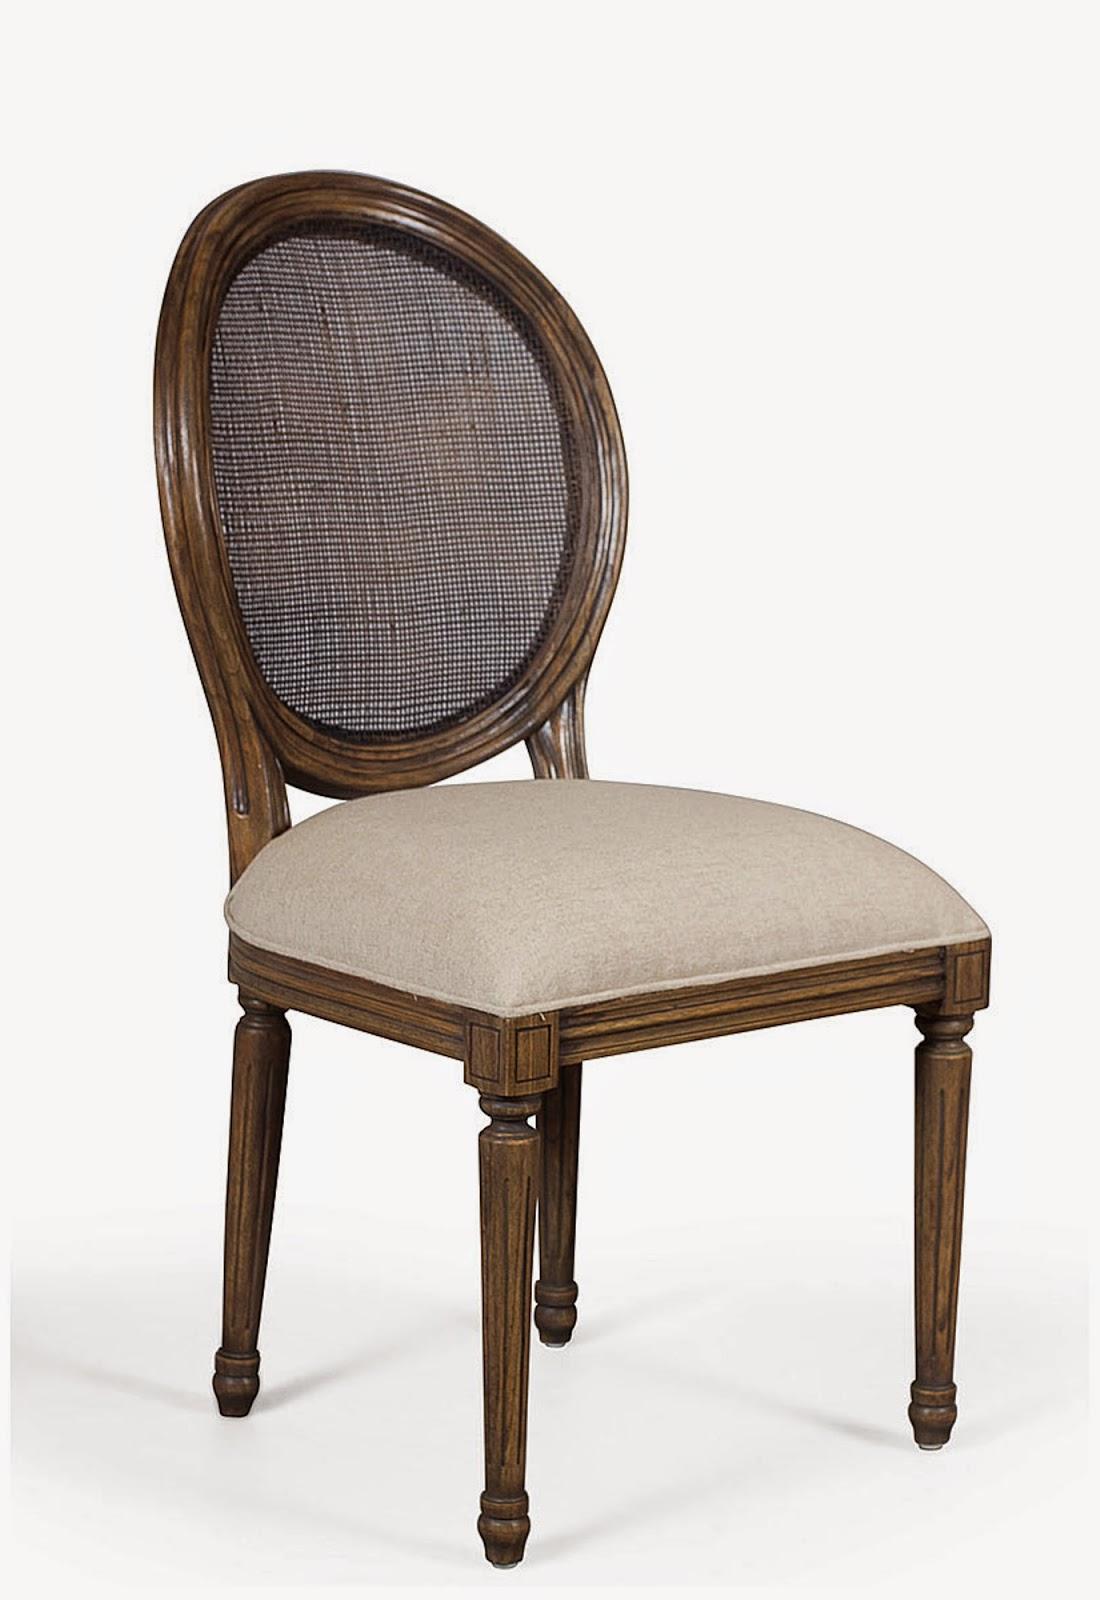 Muebles de comedor sillas de comedor con rejilla for Falabella muebles de comedor